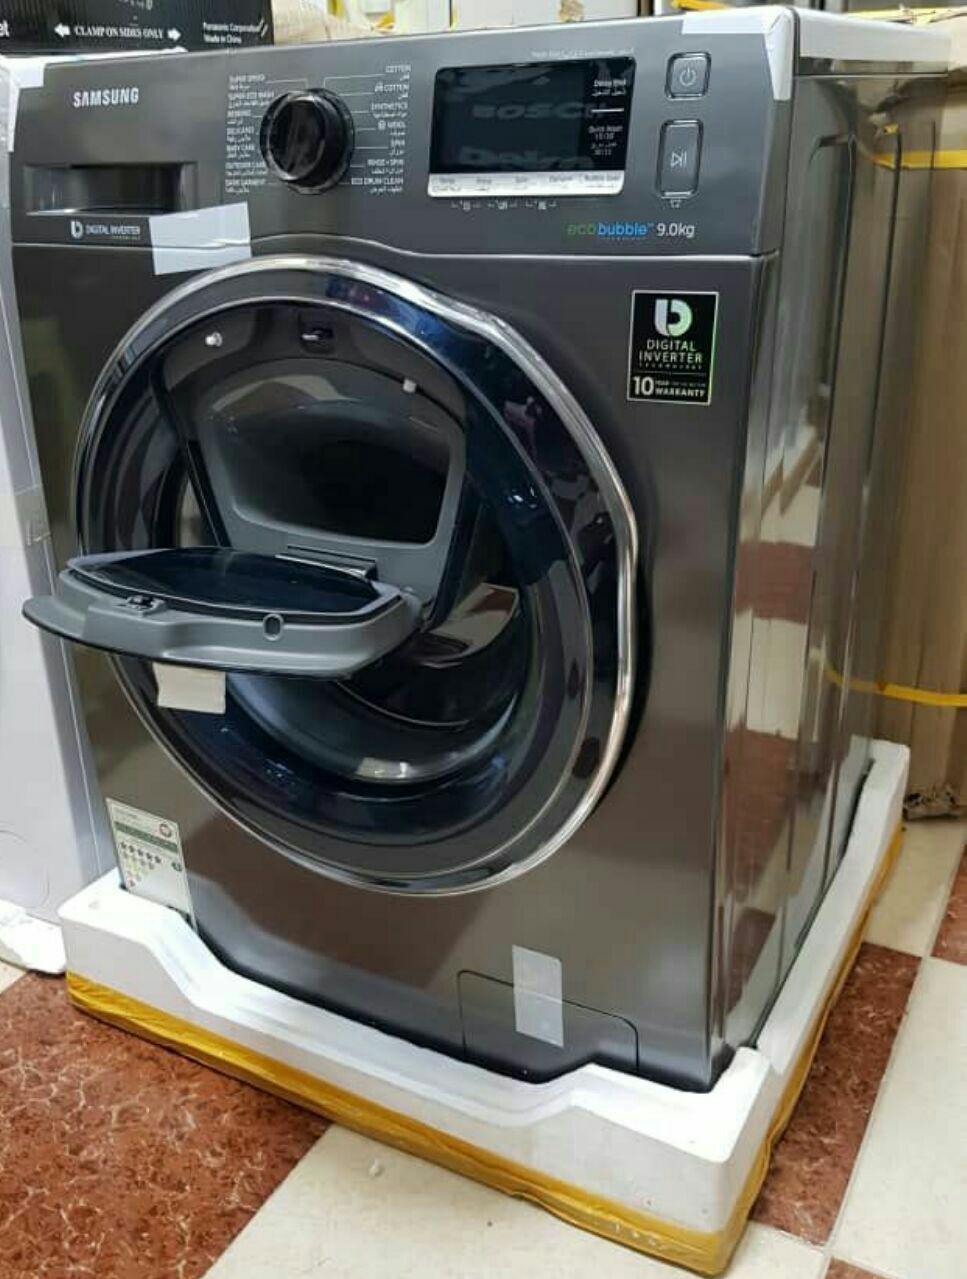 لباسشویی سامسونگ ادواش ۹کیلو سیلور